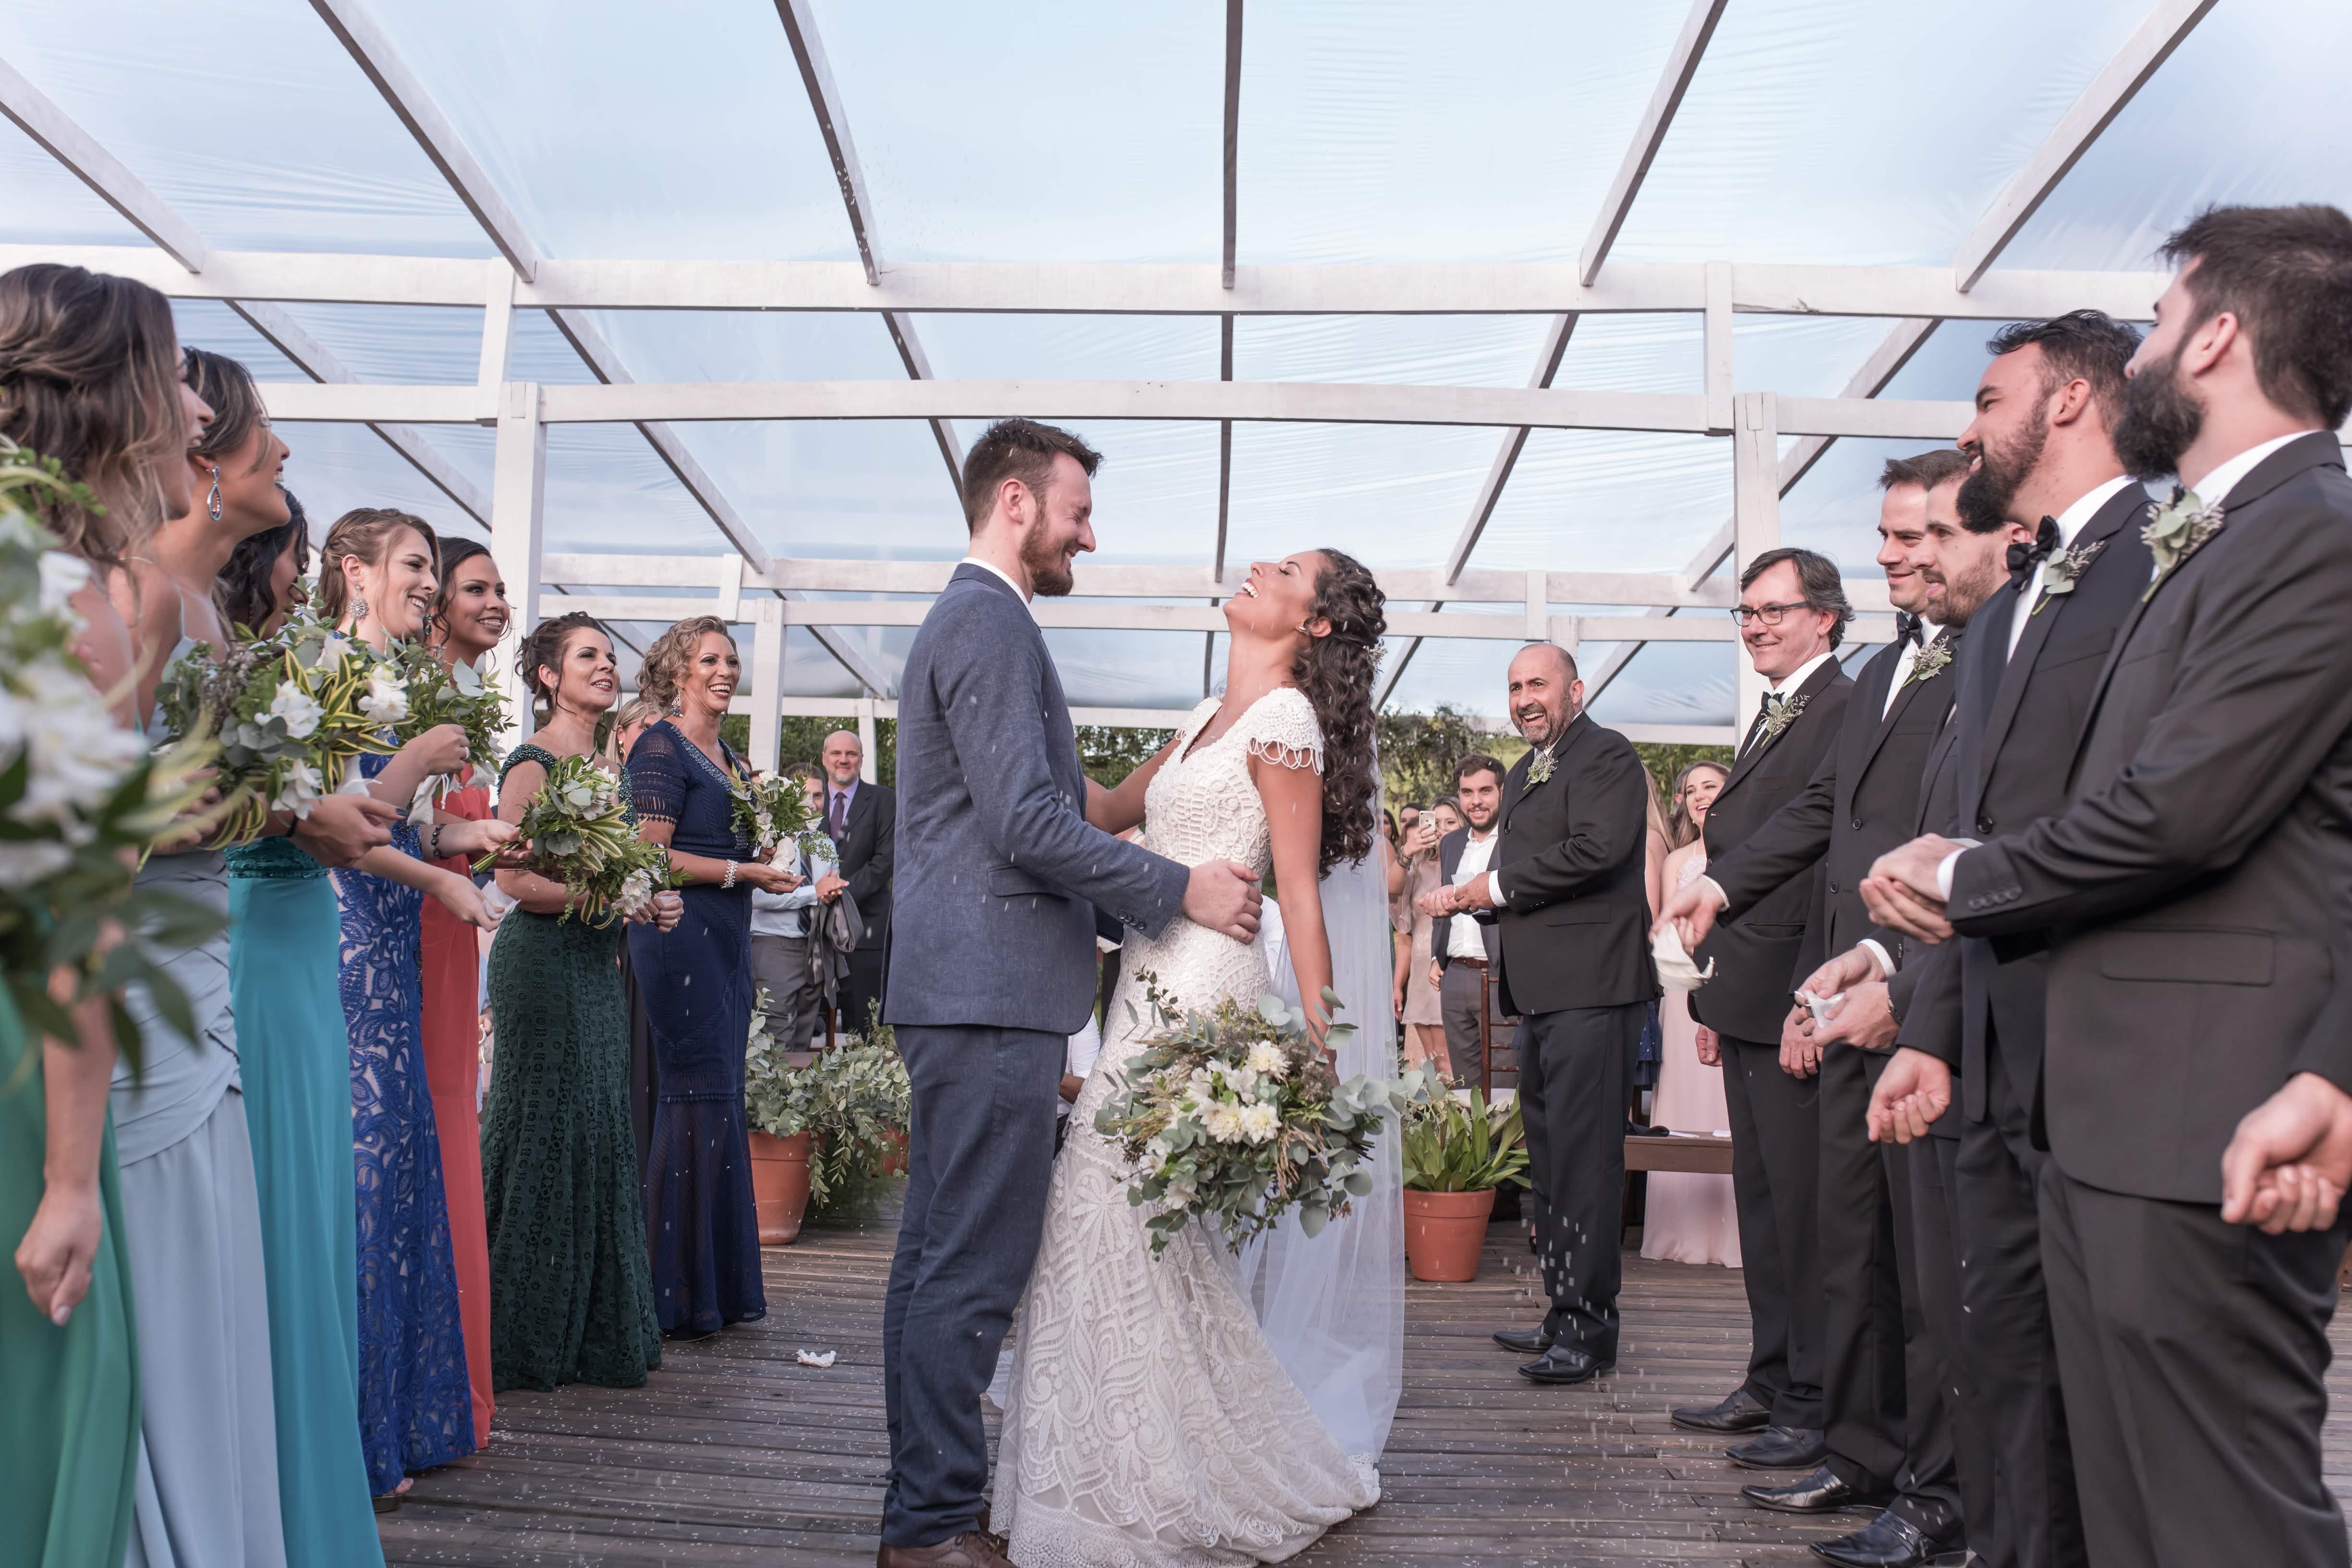 noivos na cerimônia de casamento ao ar livre no campo